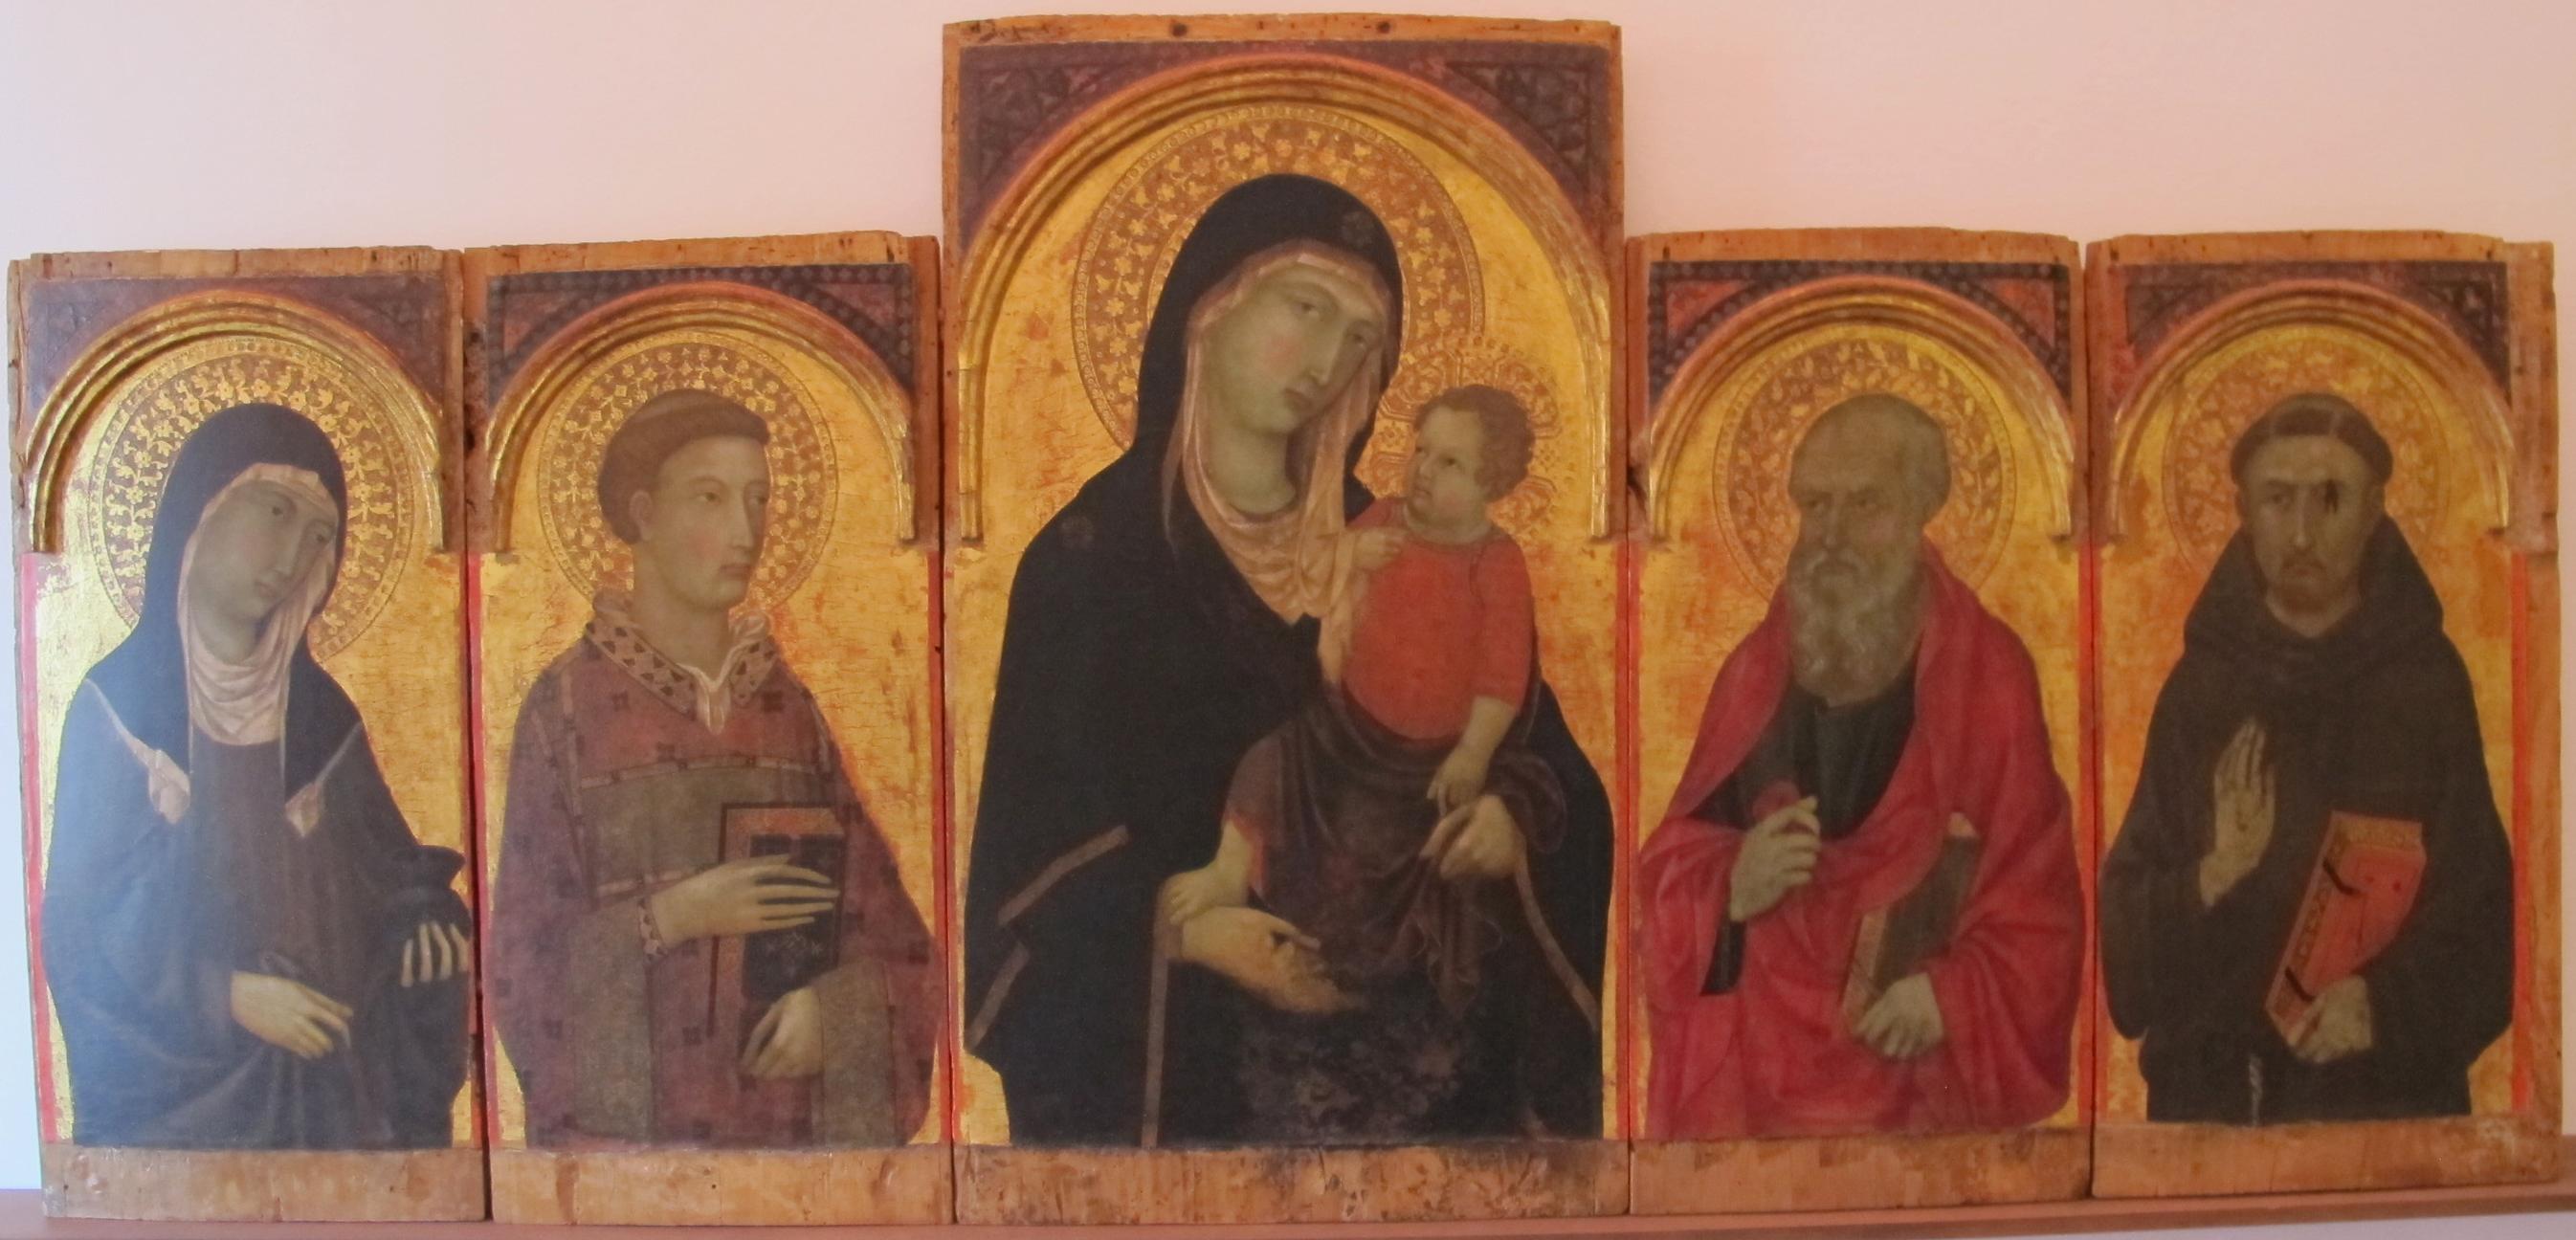 File:Ugolino di nerio, madonna col bambino e santi, 1319.JPG